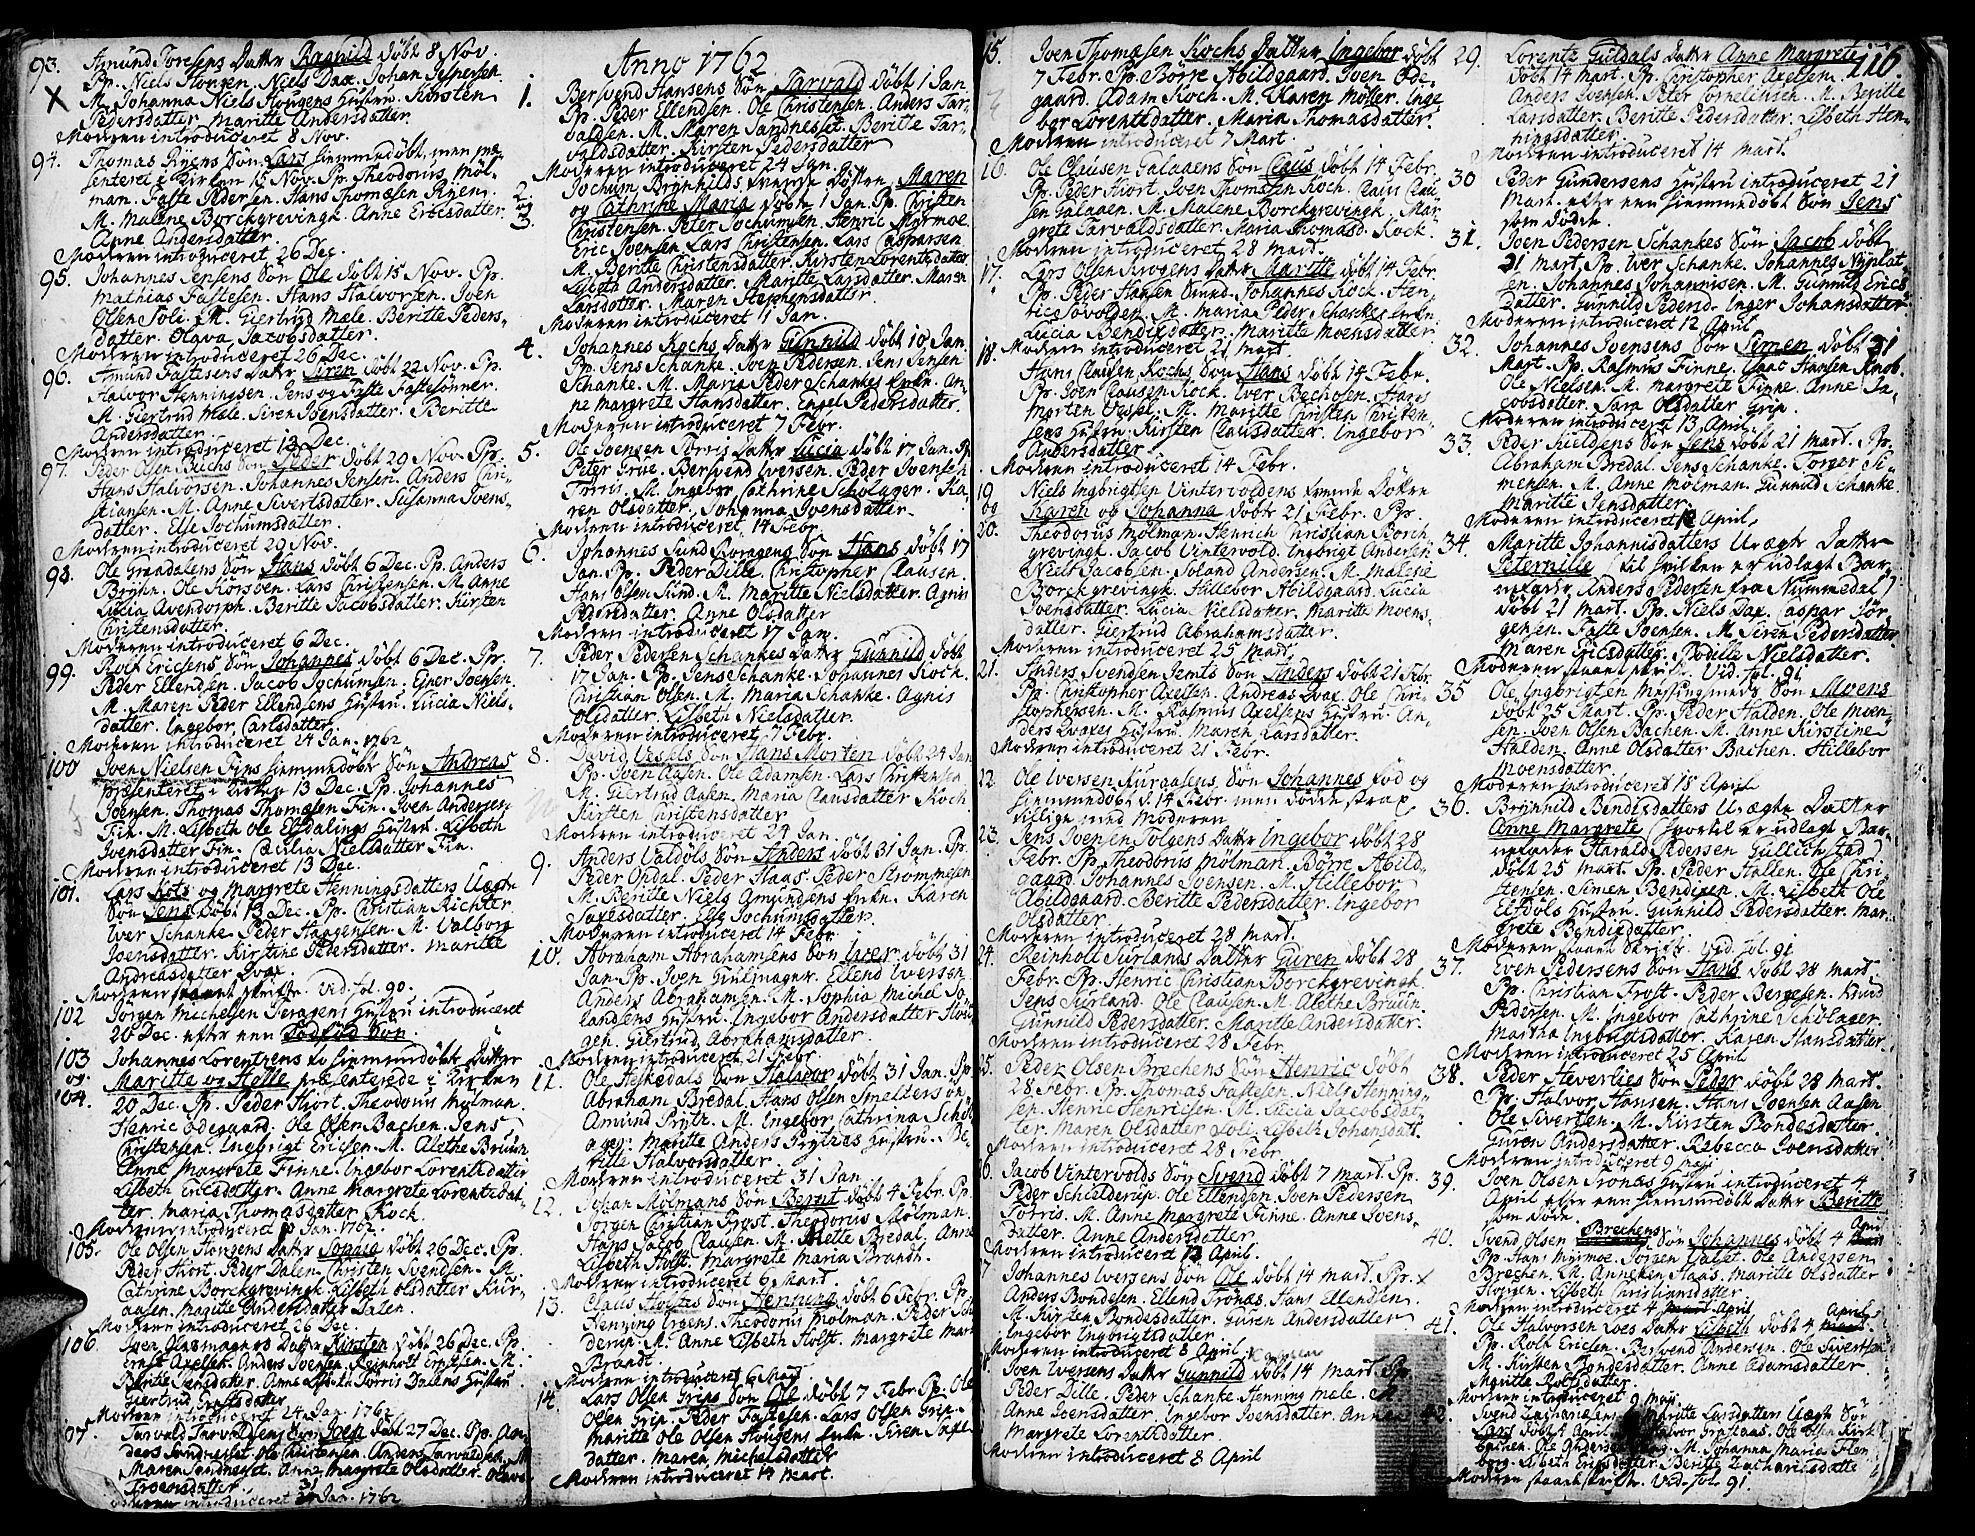 SAT, Ministerialprotokoller, klokkerbøker og fødselsregistre - Sør-Trøndelag, 681/L0925: Ministerialbok nr. 681A03, 1727-1766, s. 116